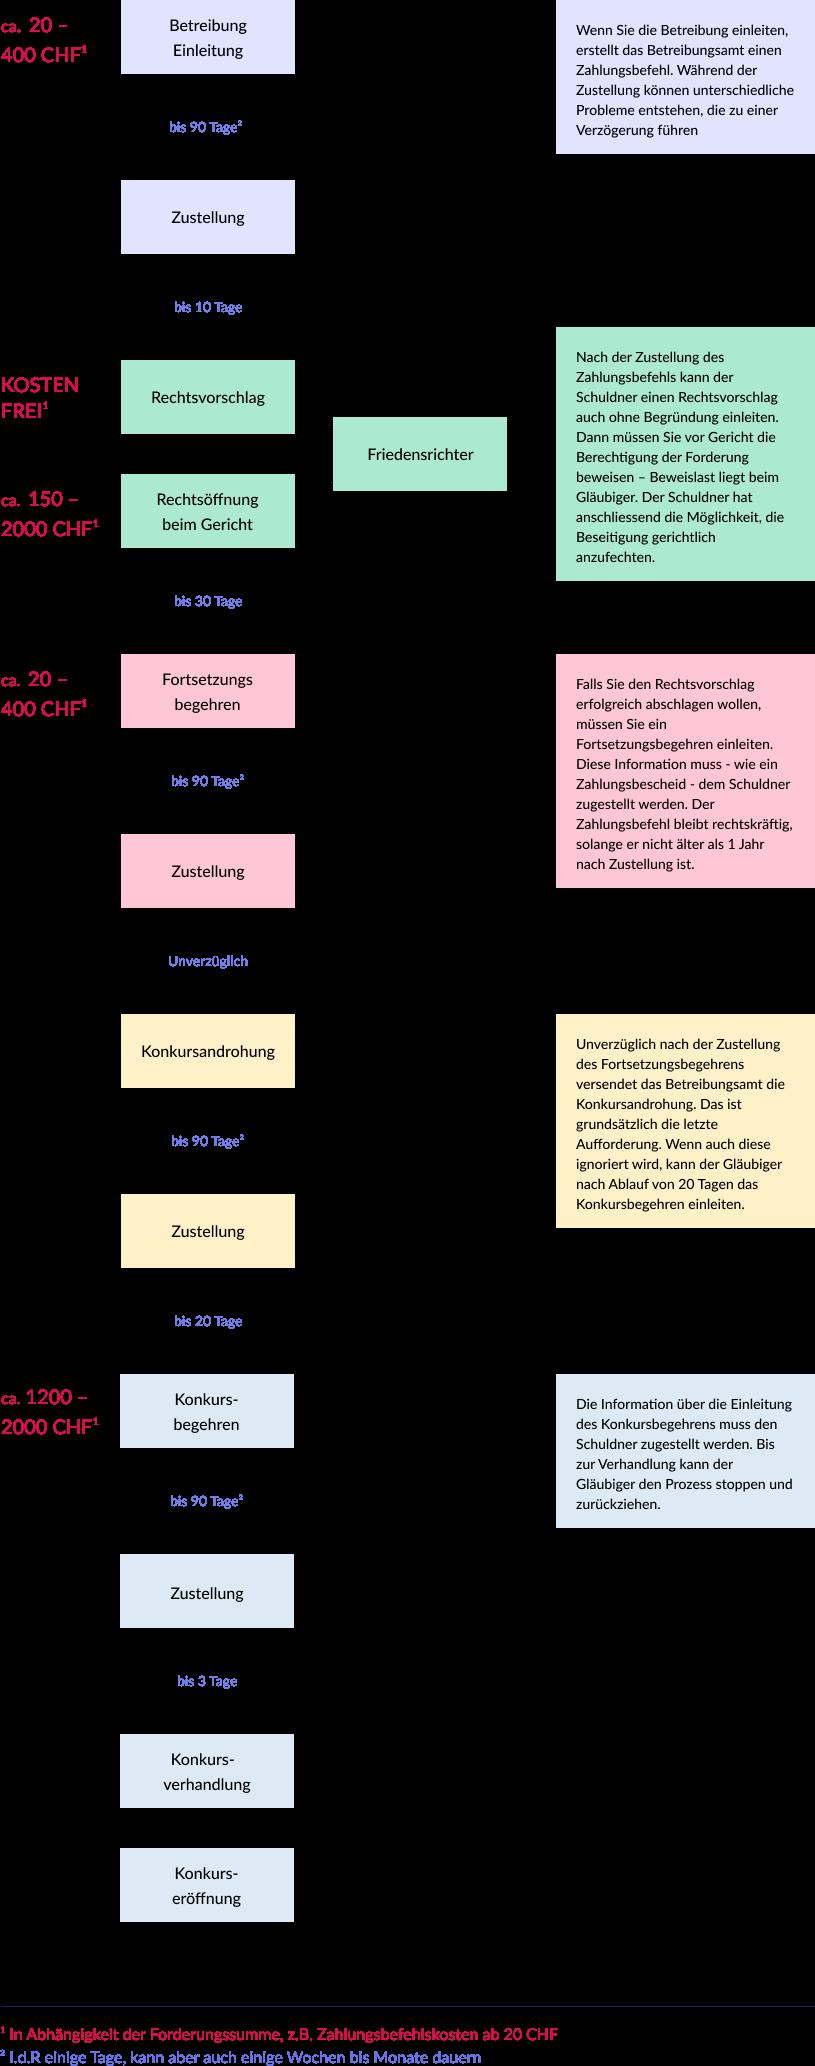 infografik Betreibungsstufen